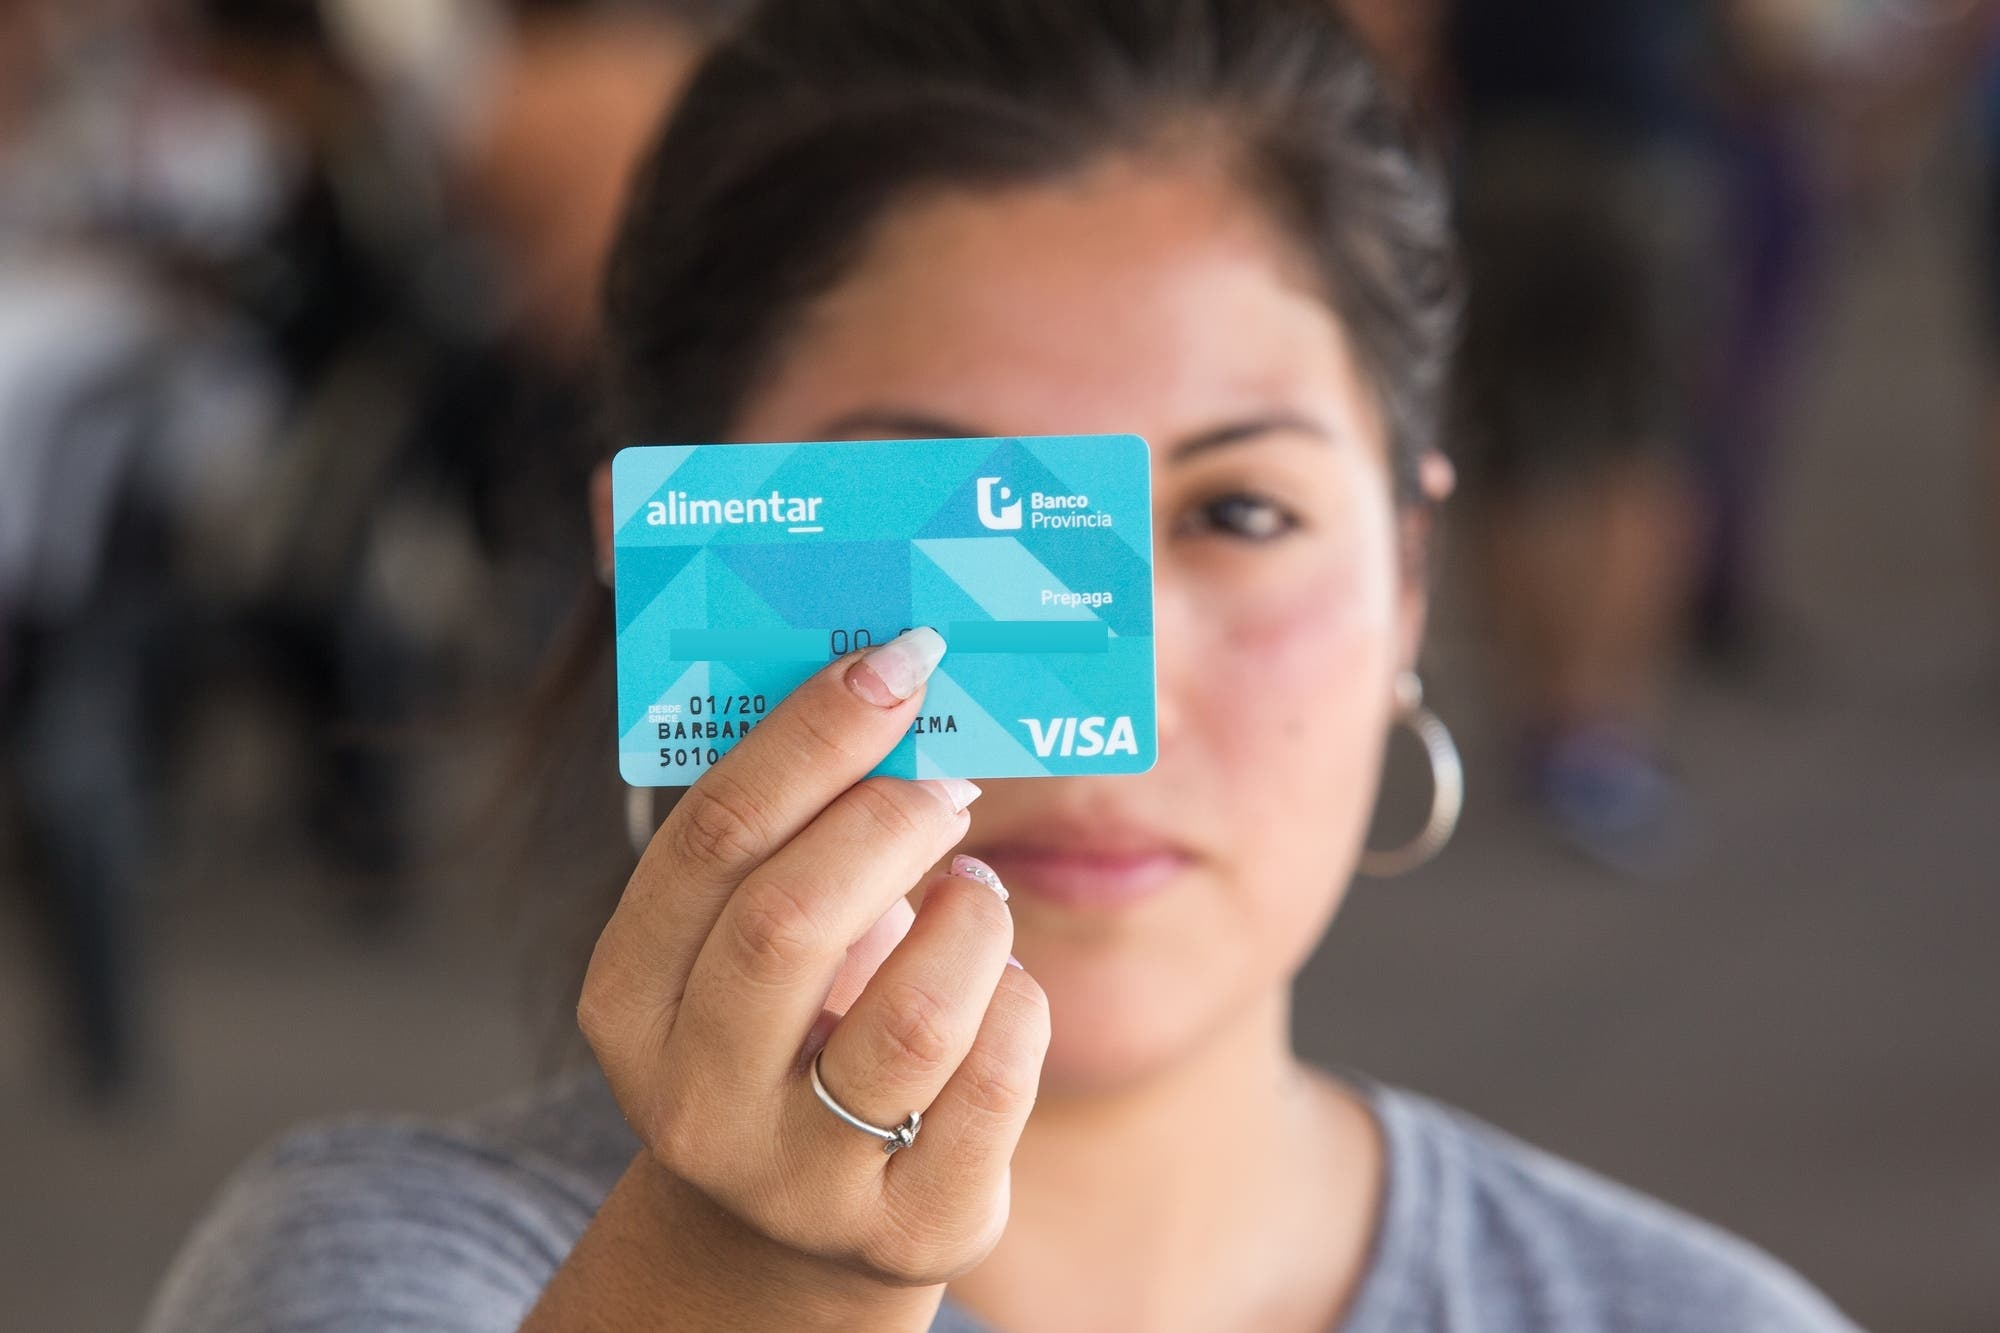 La tarjeta Alimentar se podrá usar desde el celular y permitirá comprar con un código QR